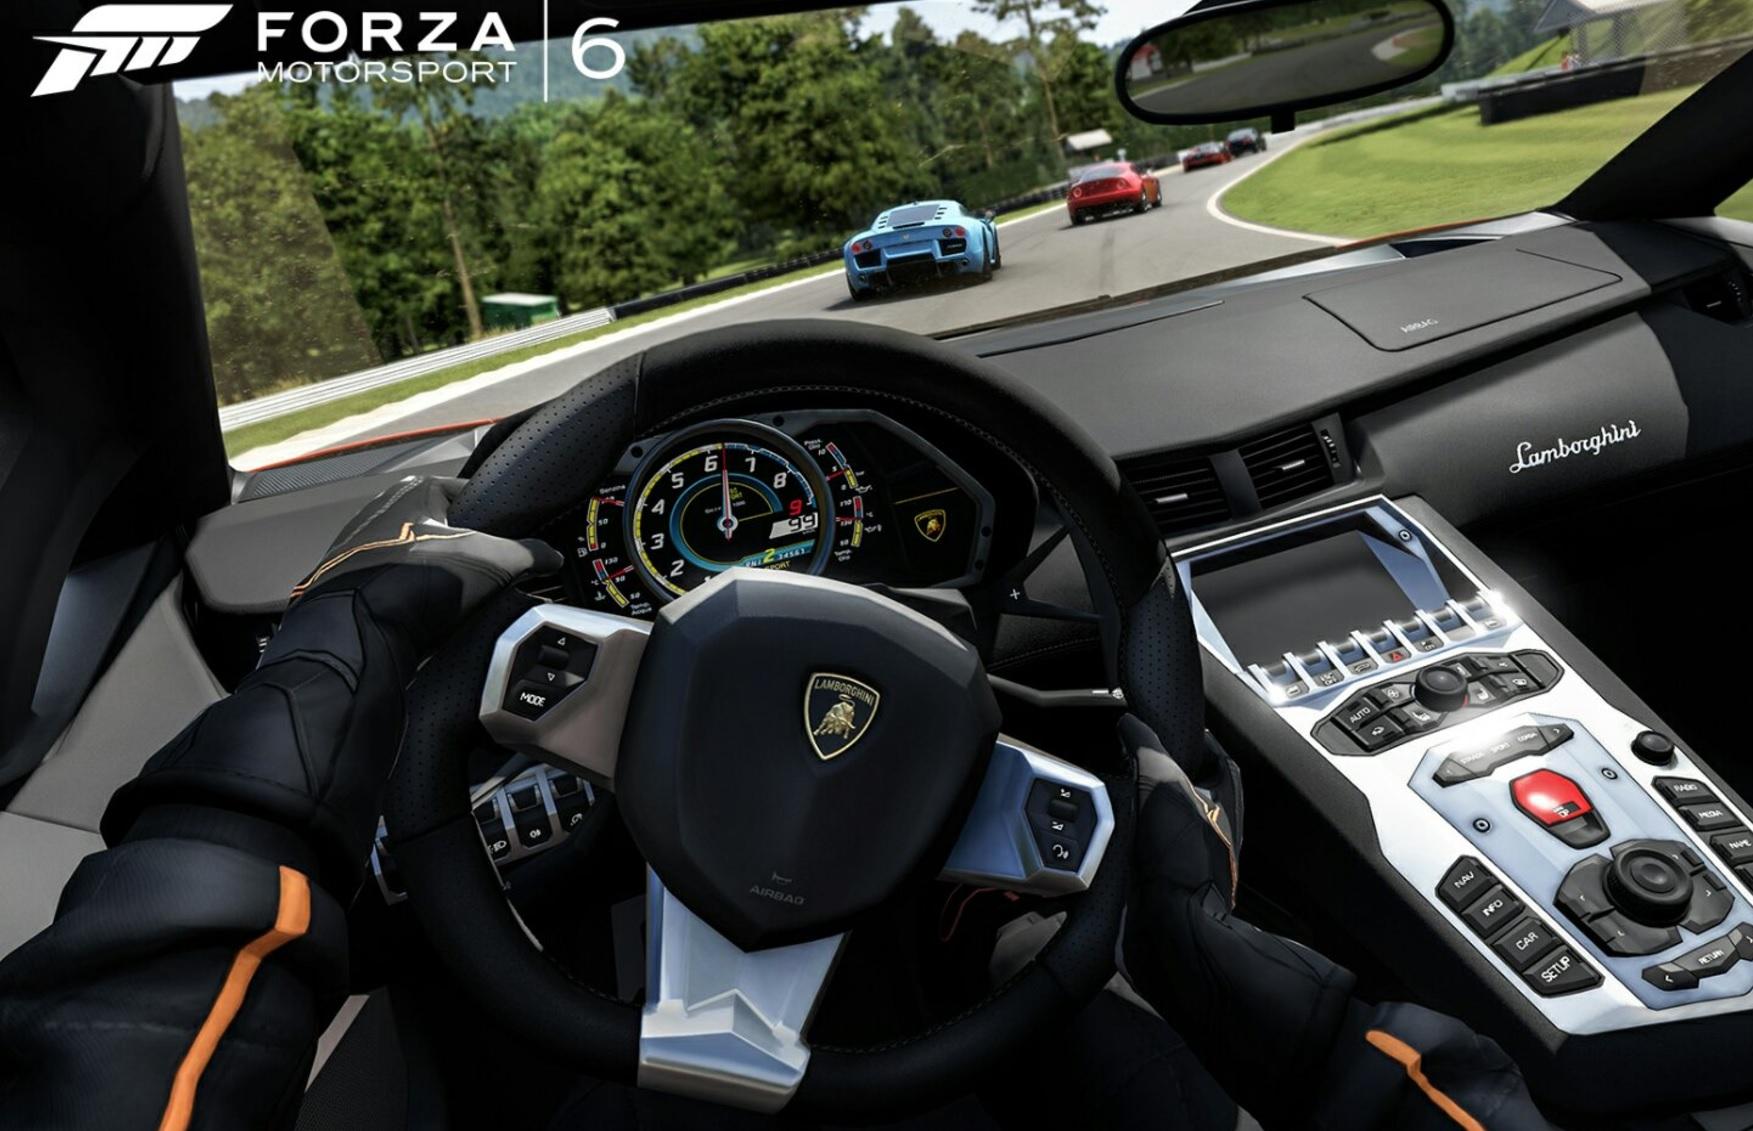 Dette er Forza 6 fra 2015.